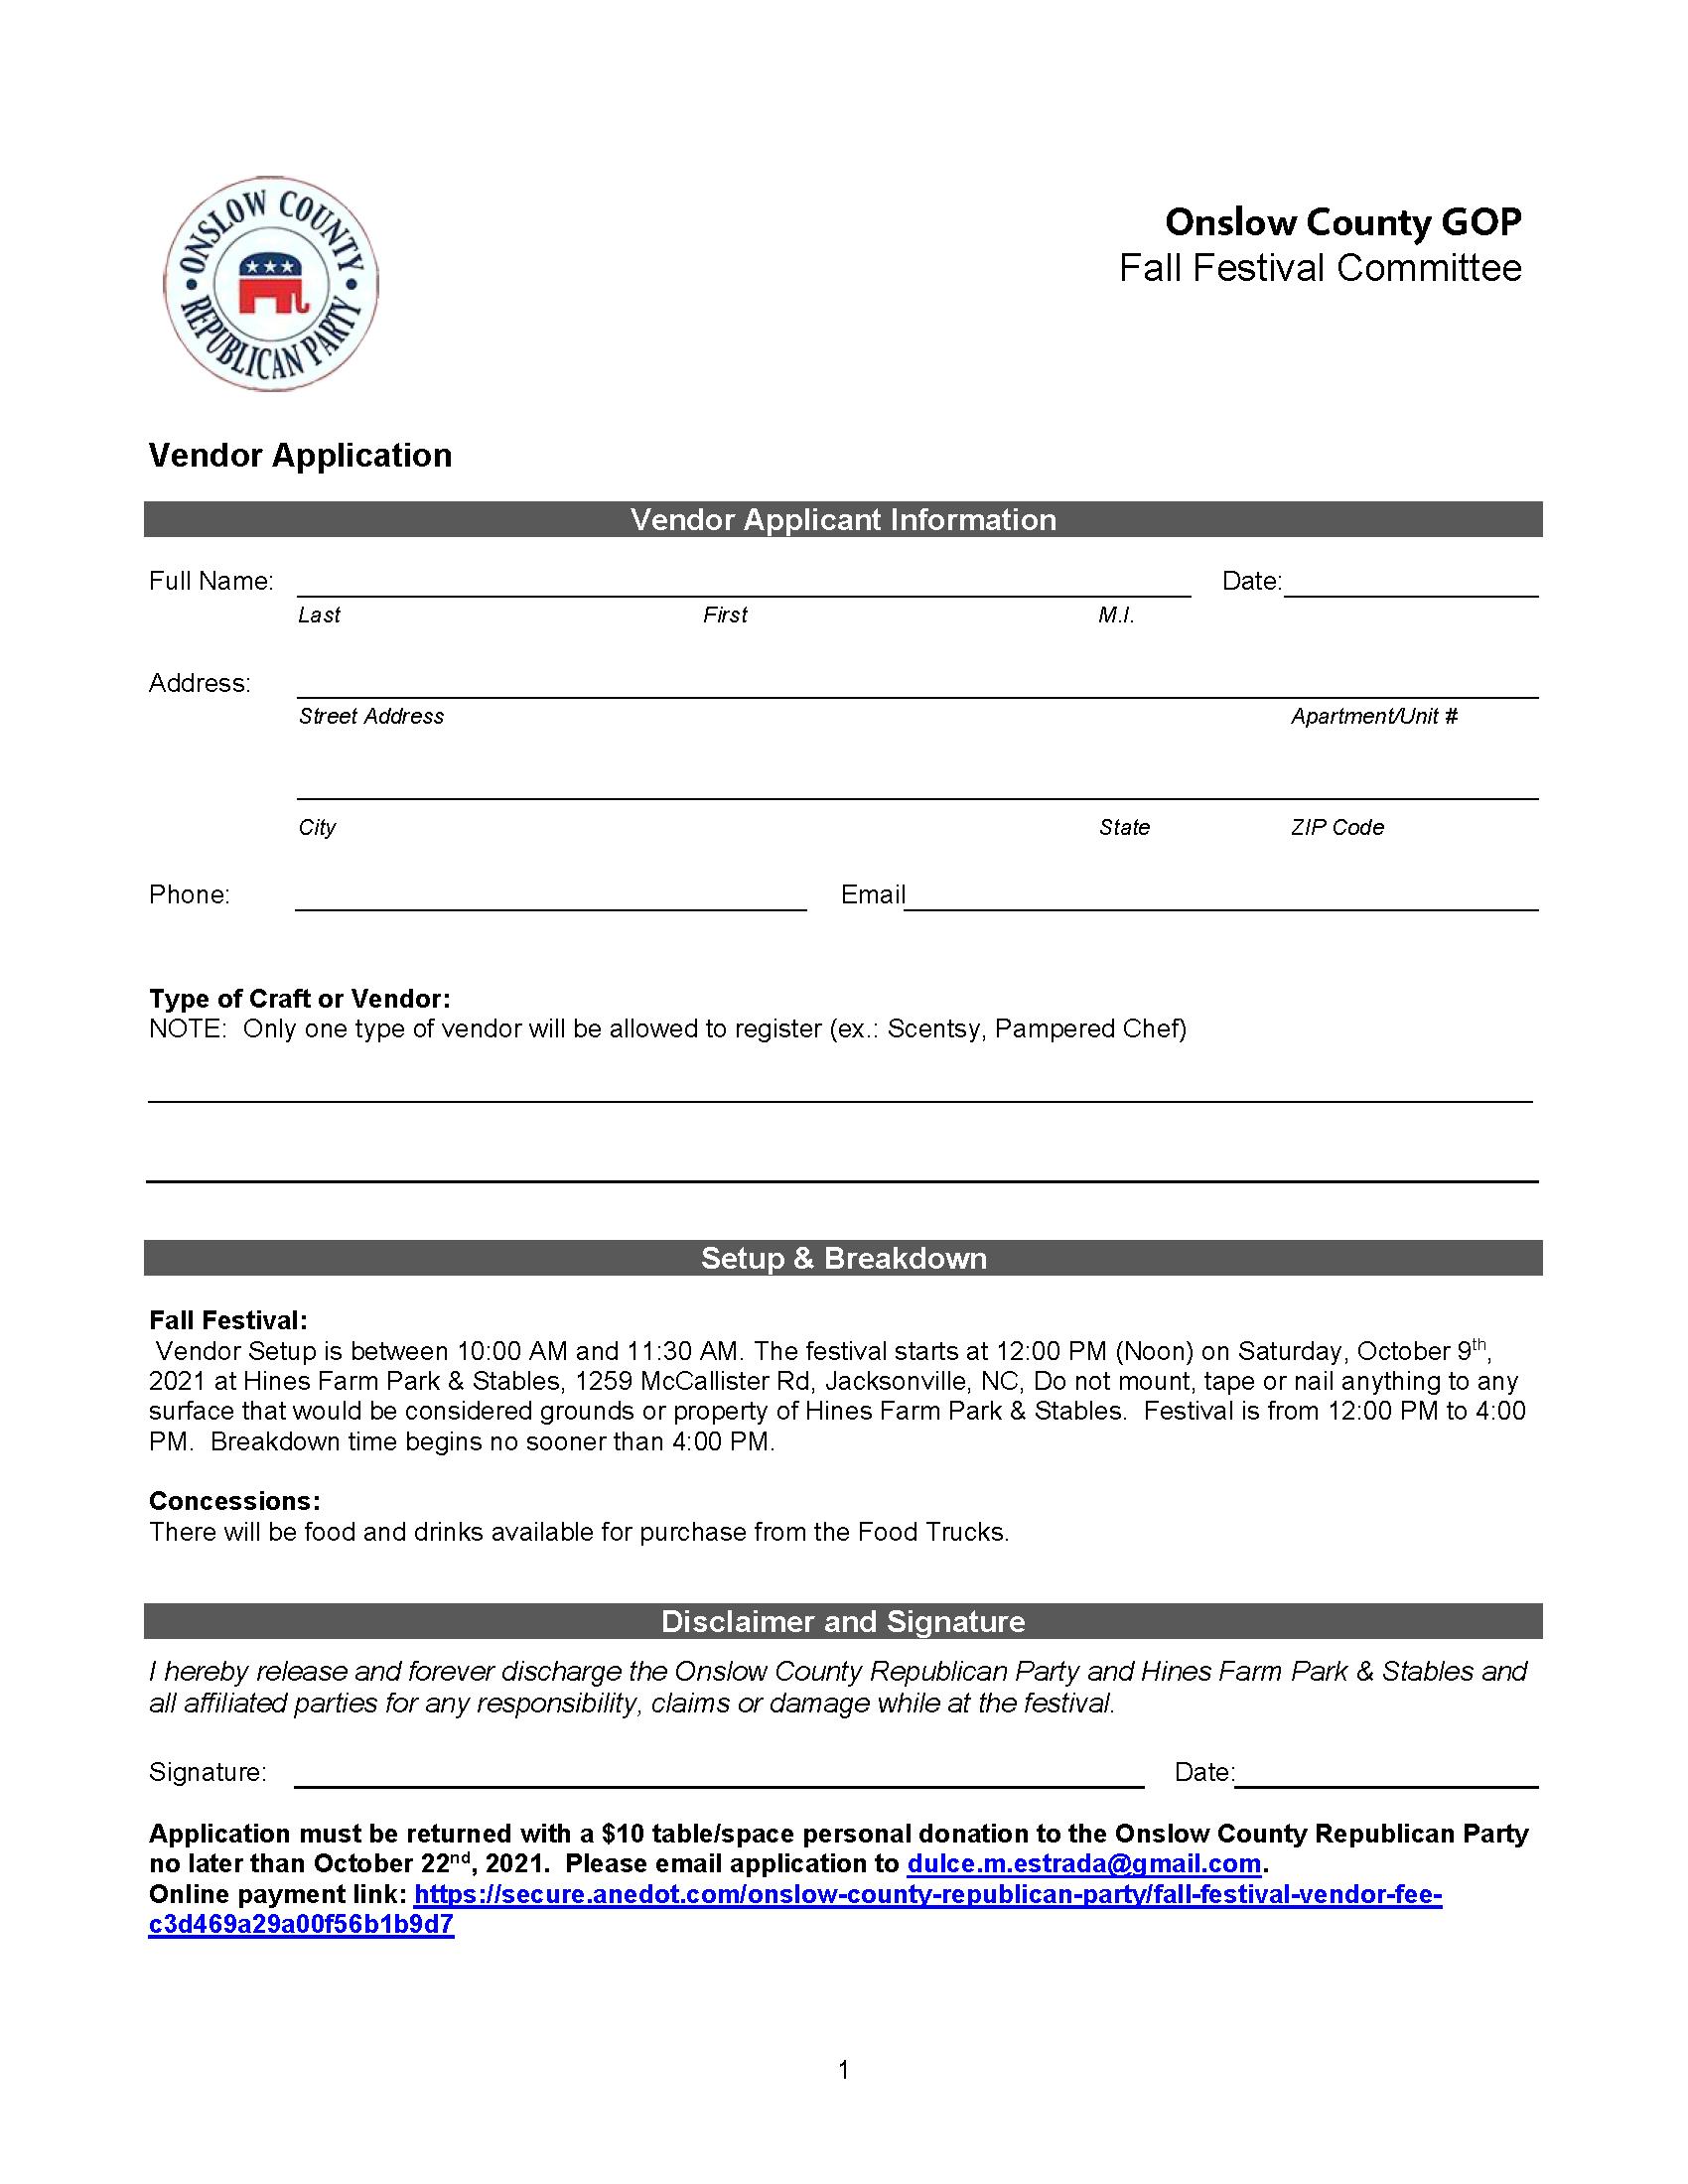 Onslow GOP Vendor Application